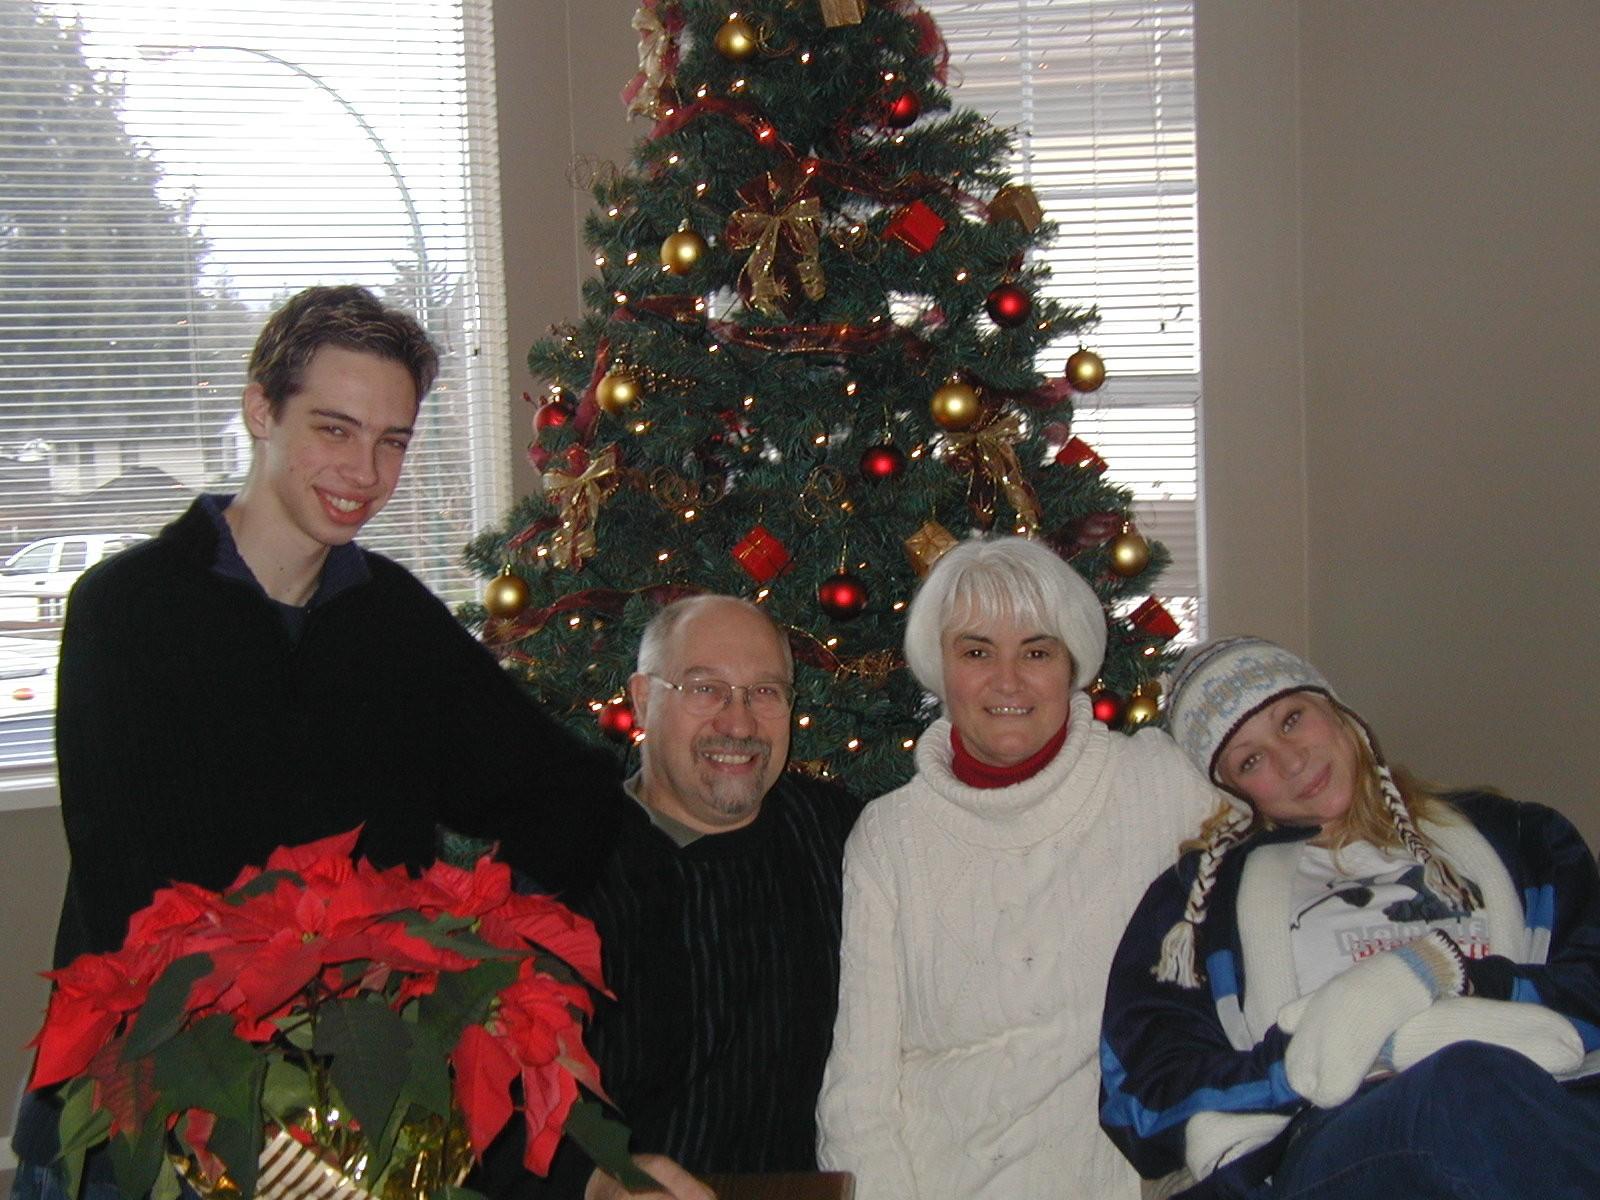 An Atheist Celebrates Christmas